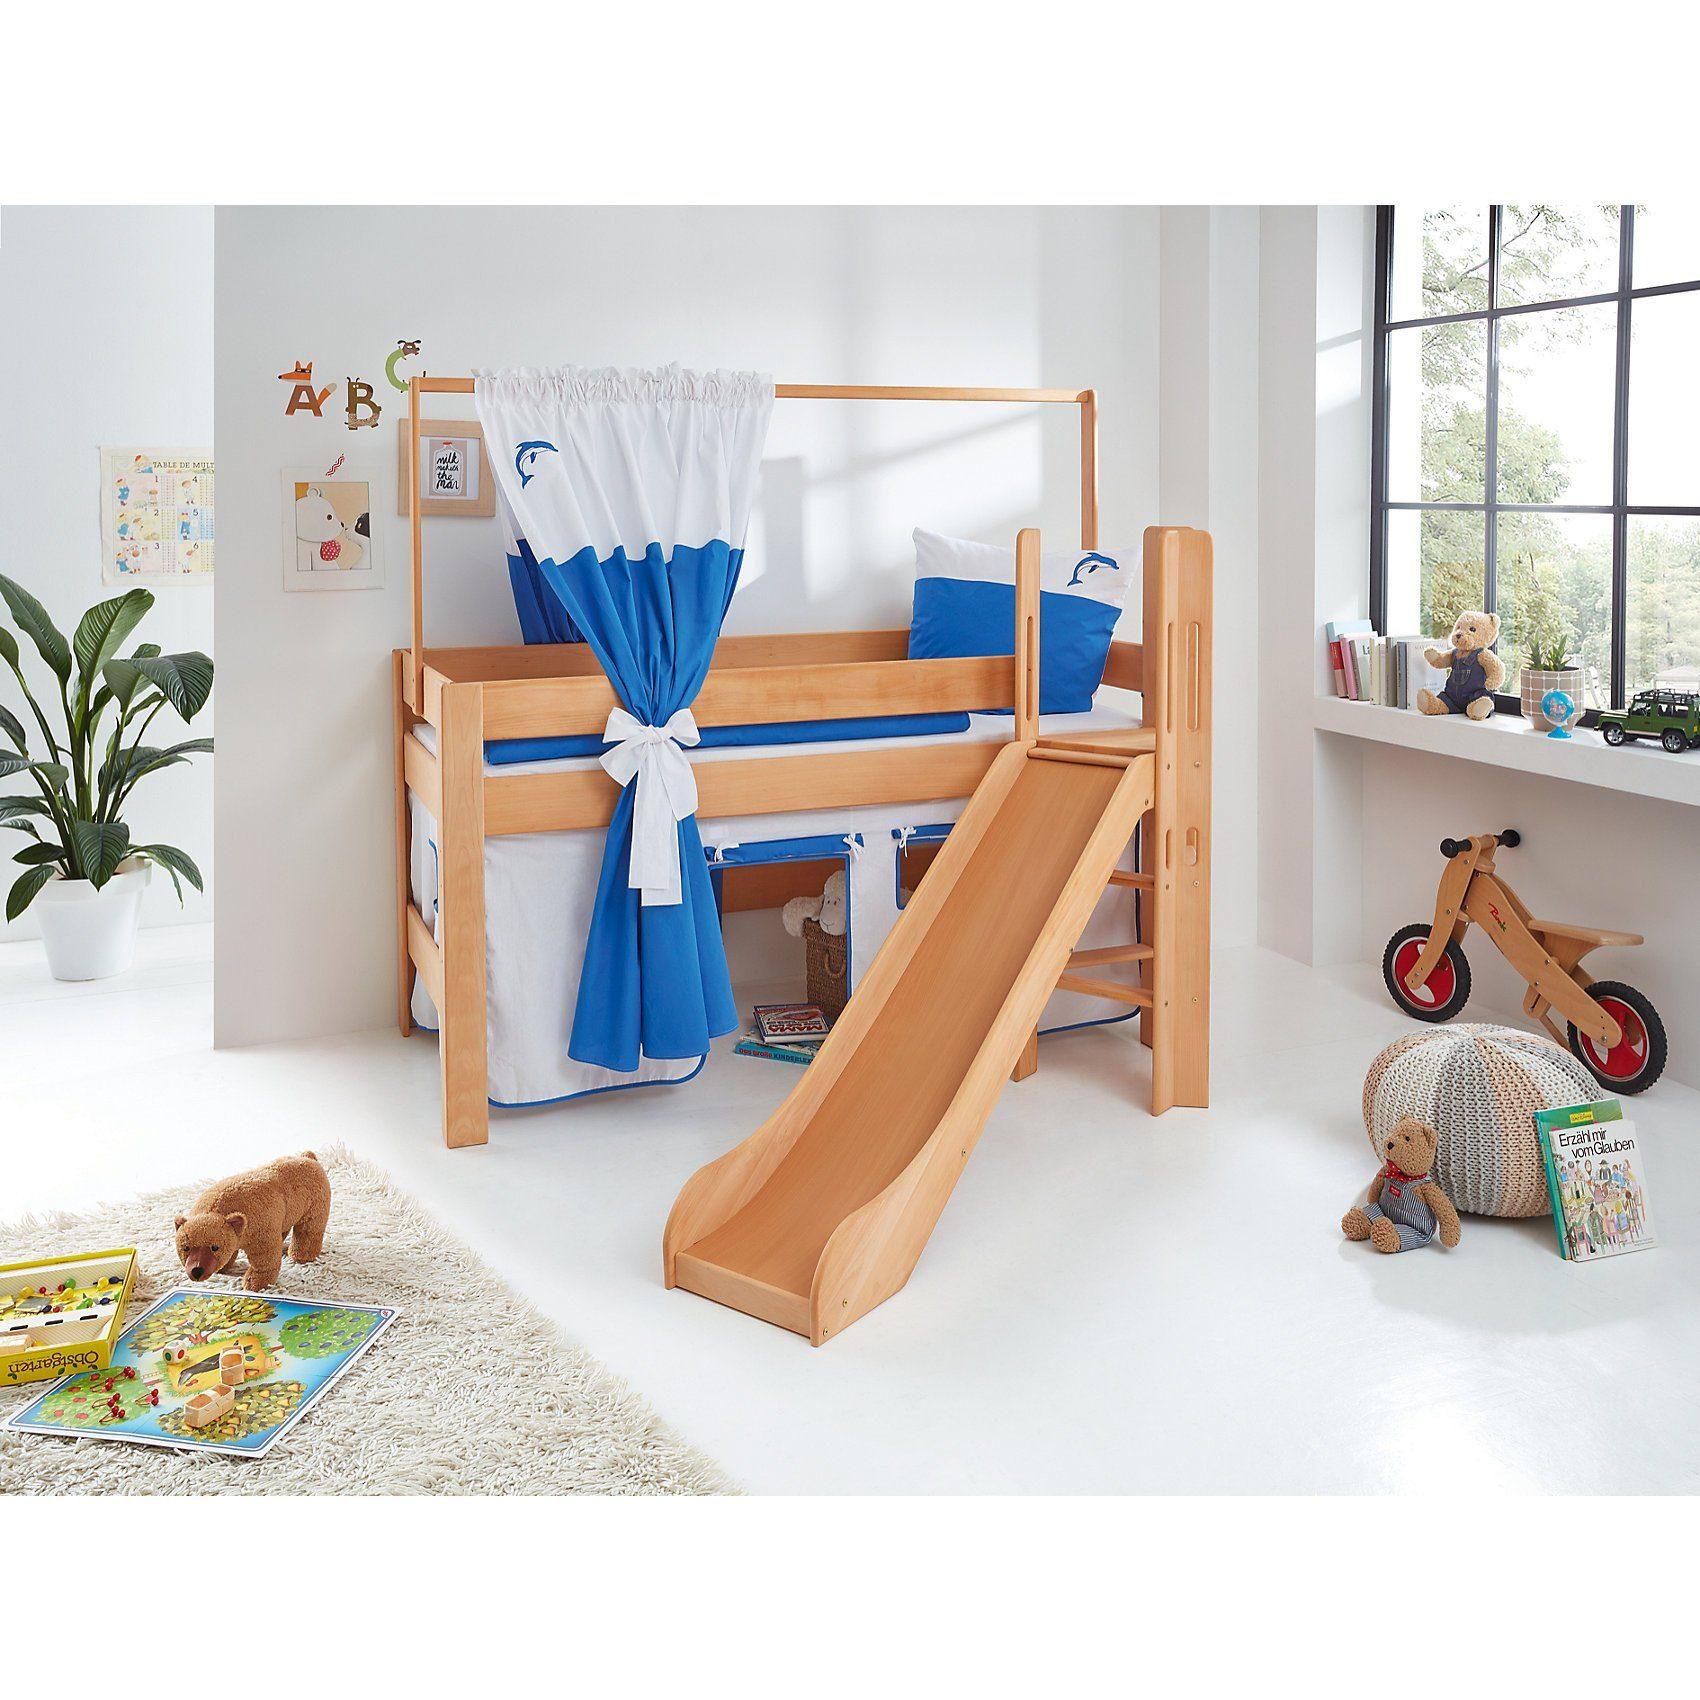 Relita Zeltstoffset für Spielbett LEO, Delphin, blau/weiß